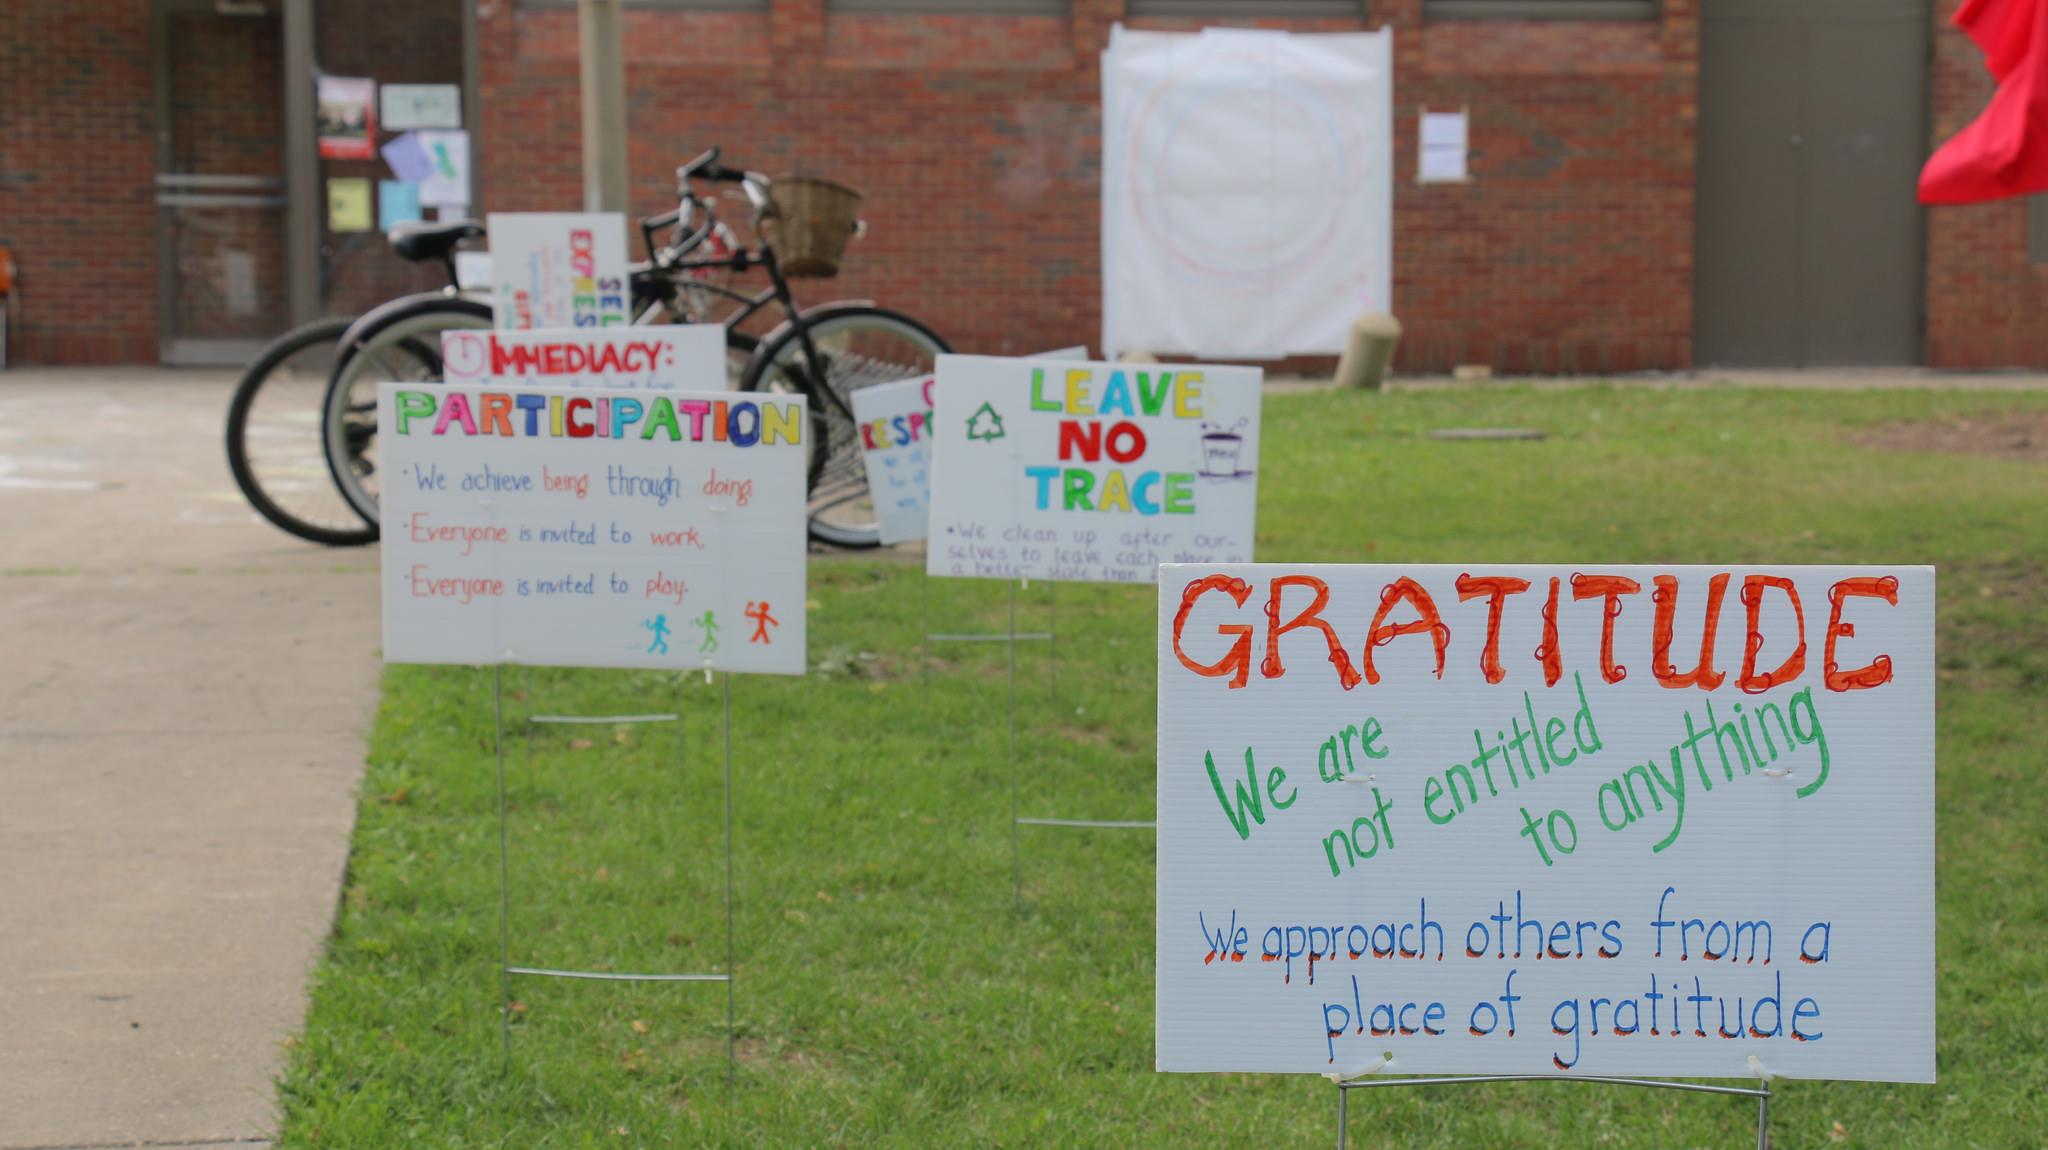 Gratitude_principle.jpg